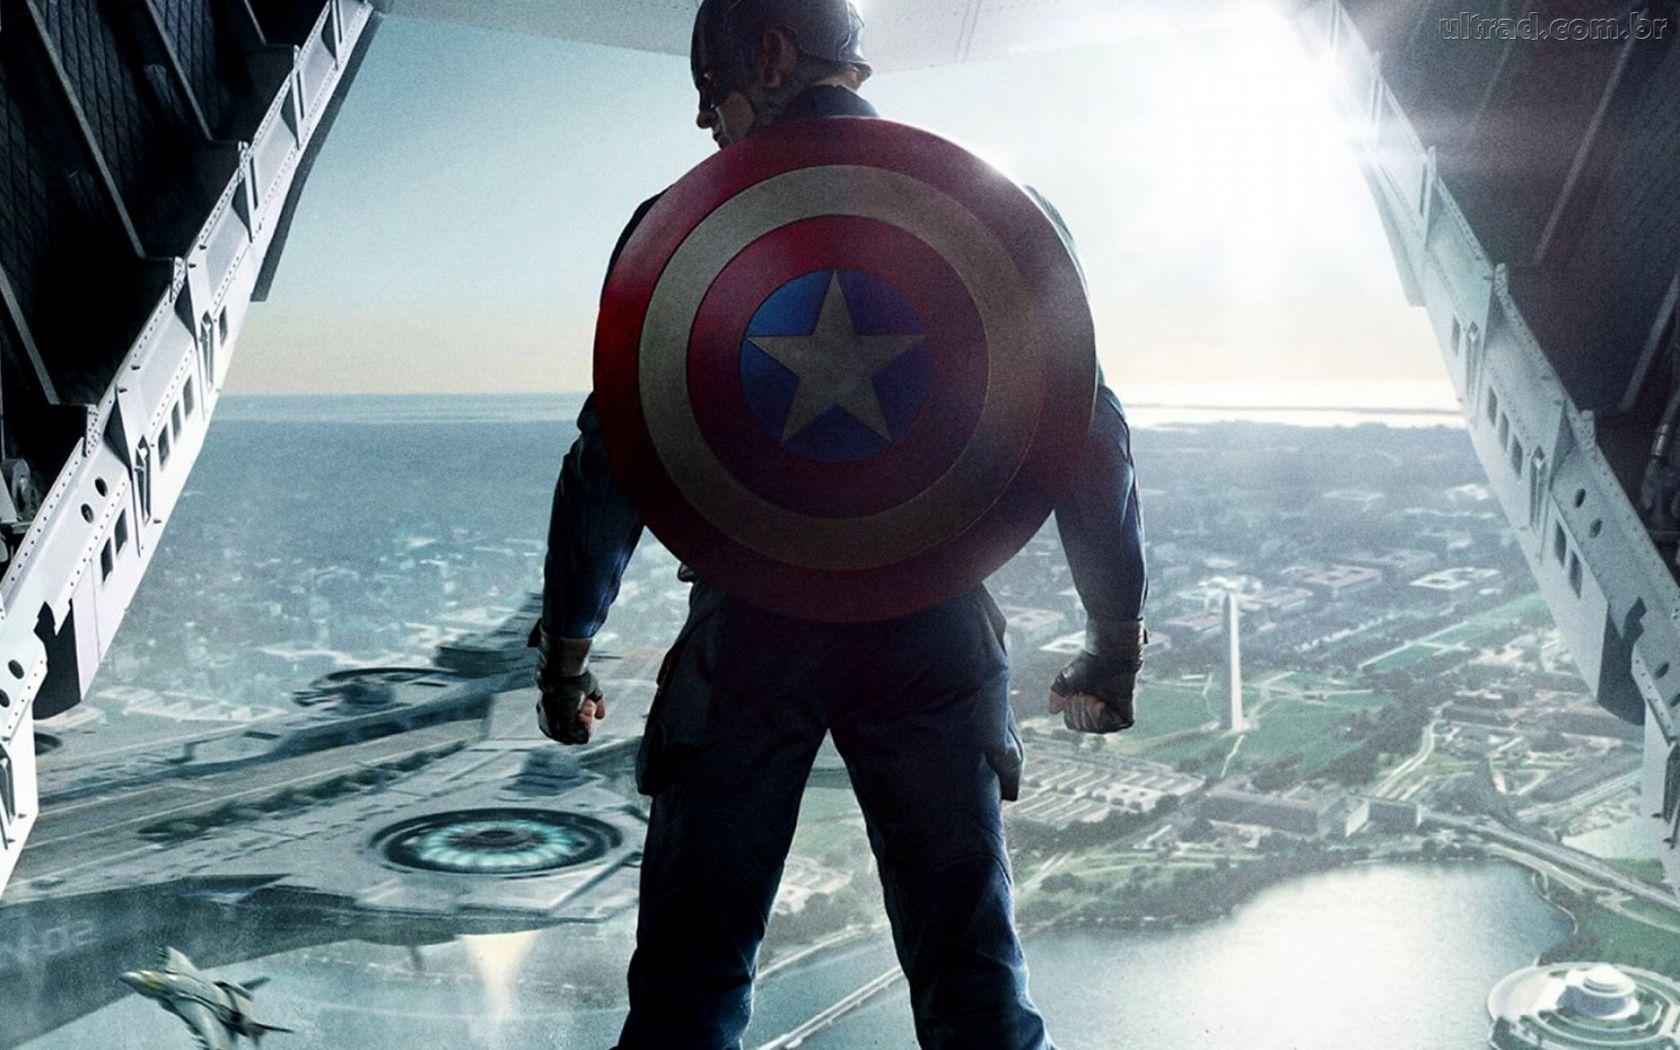 Papel De Parede Do Capitao America: Diretores Comentam As Chances De Capitão América: O